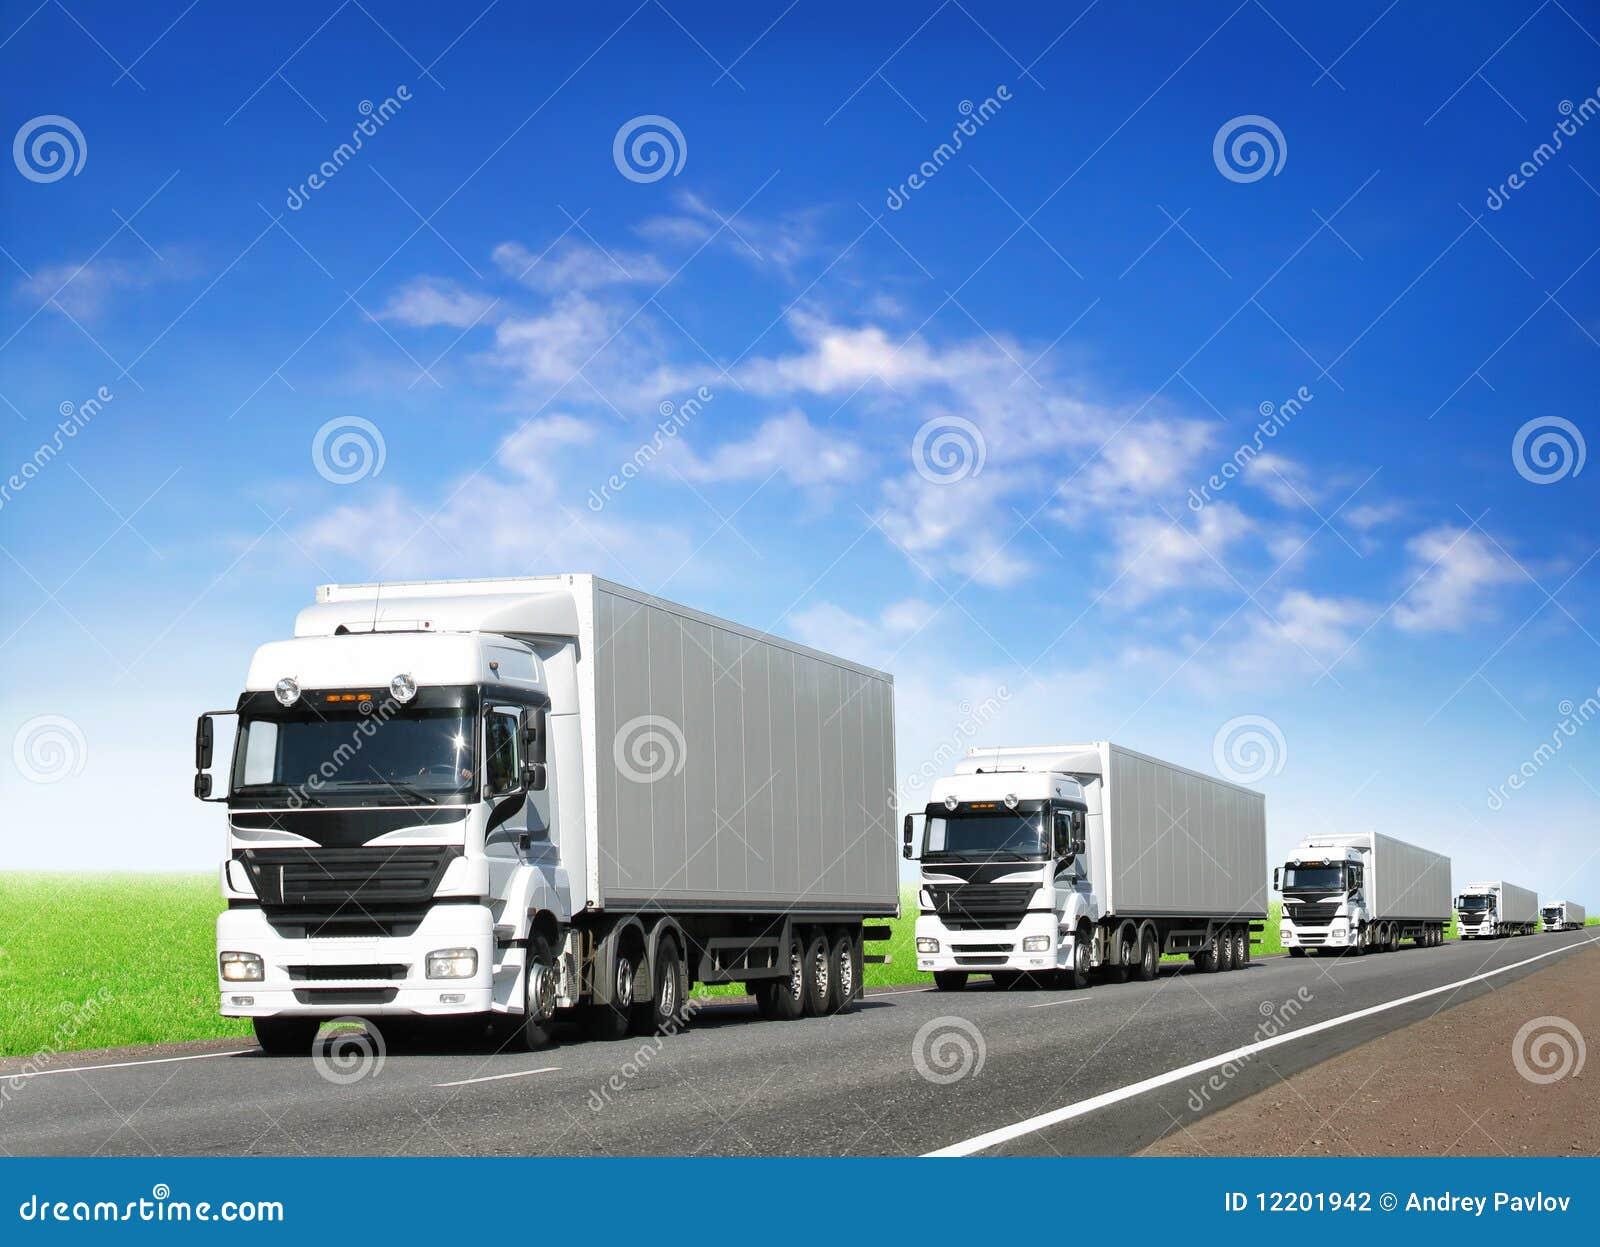 Wohnwagen der weißen LKWas auf Datenbahn unter blauem Himmel